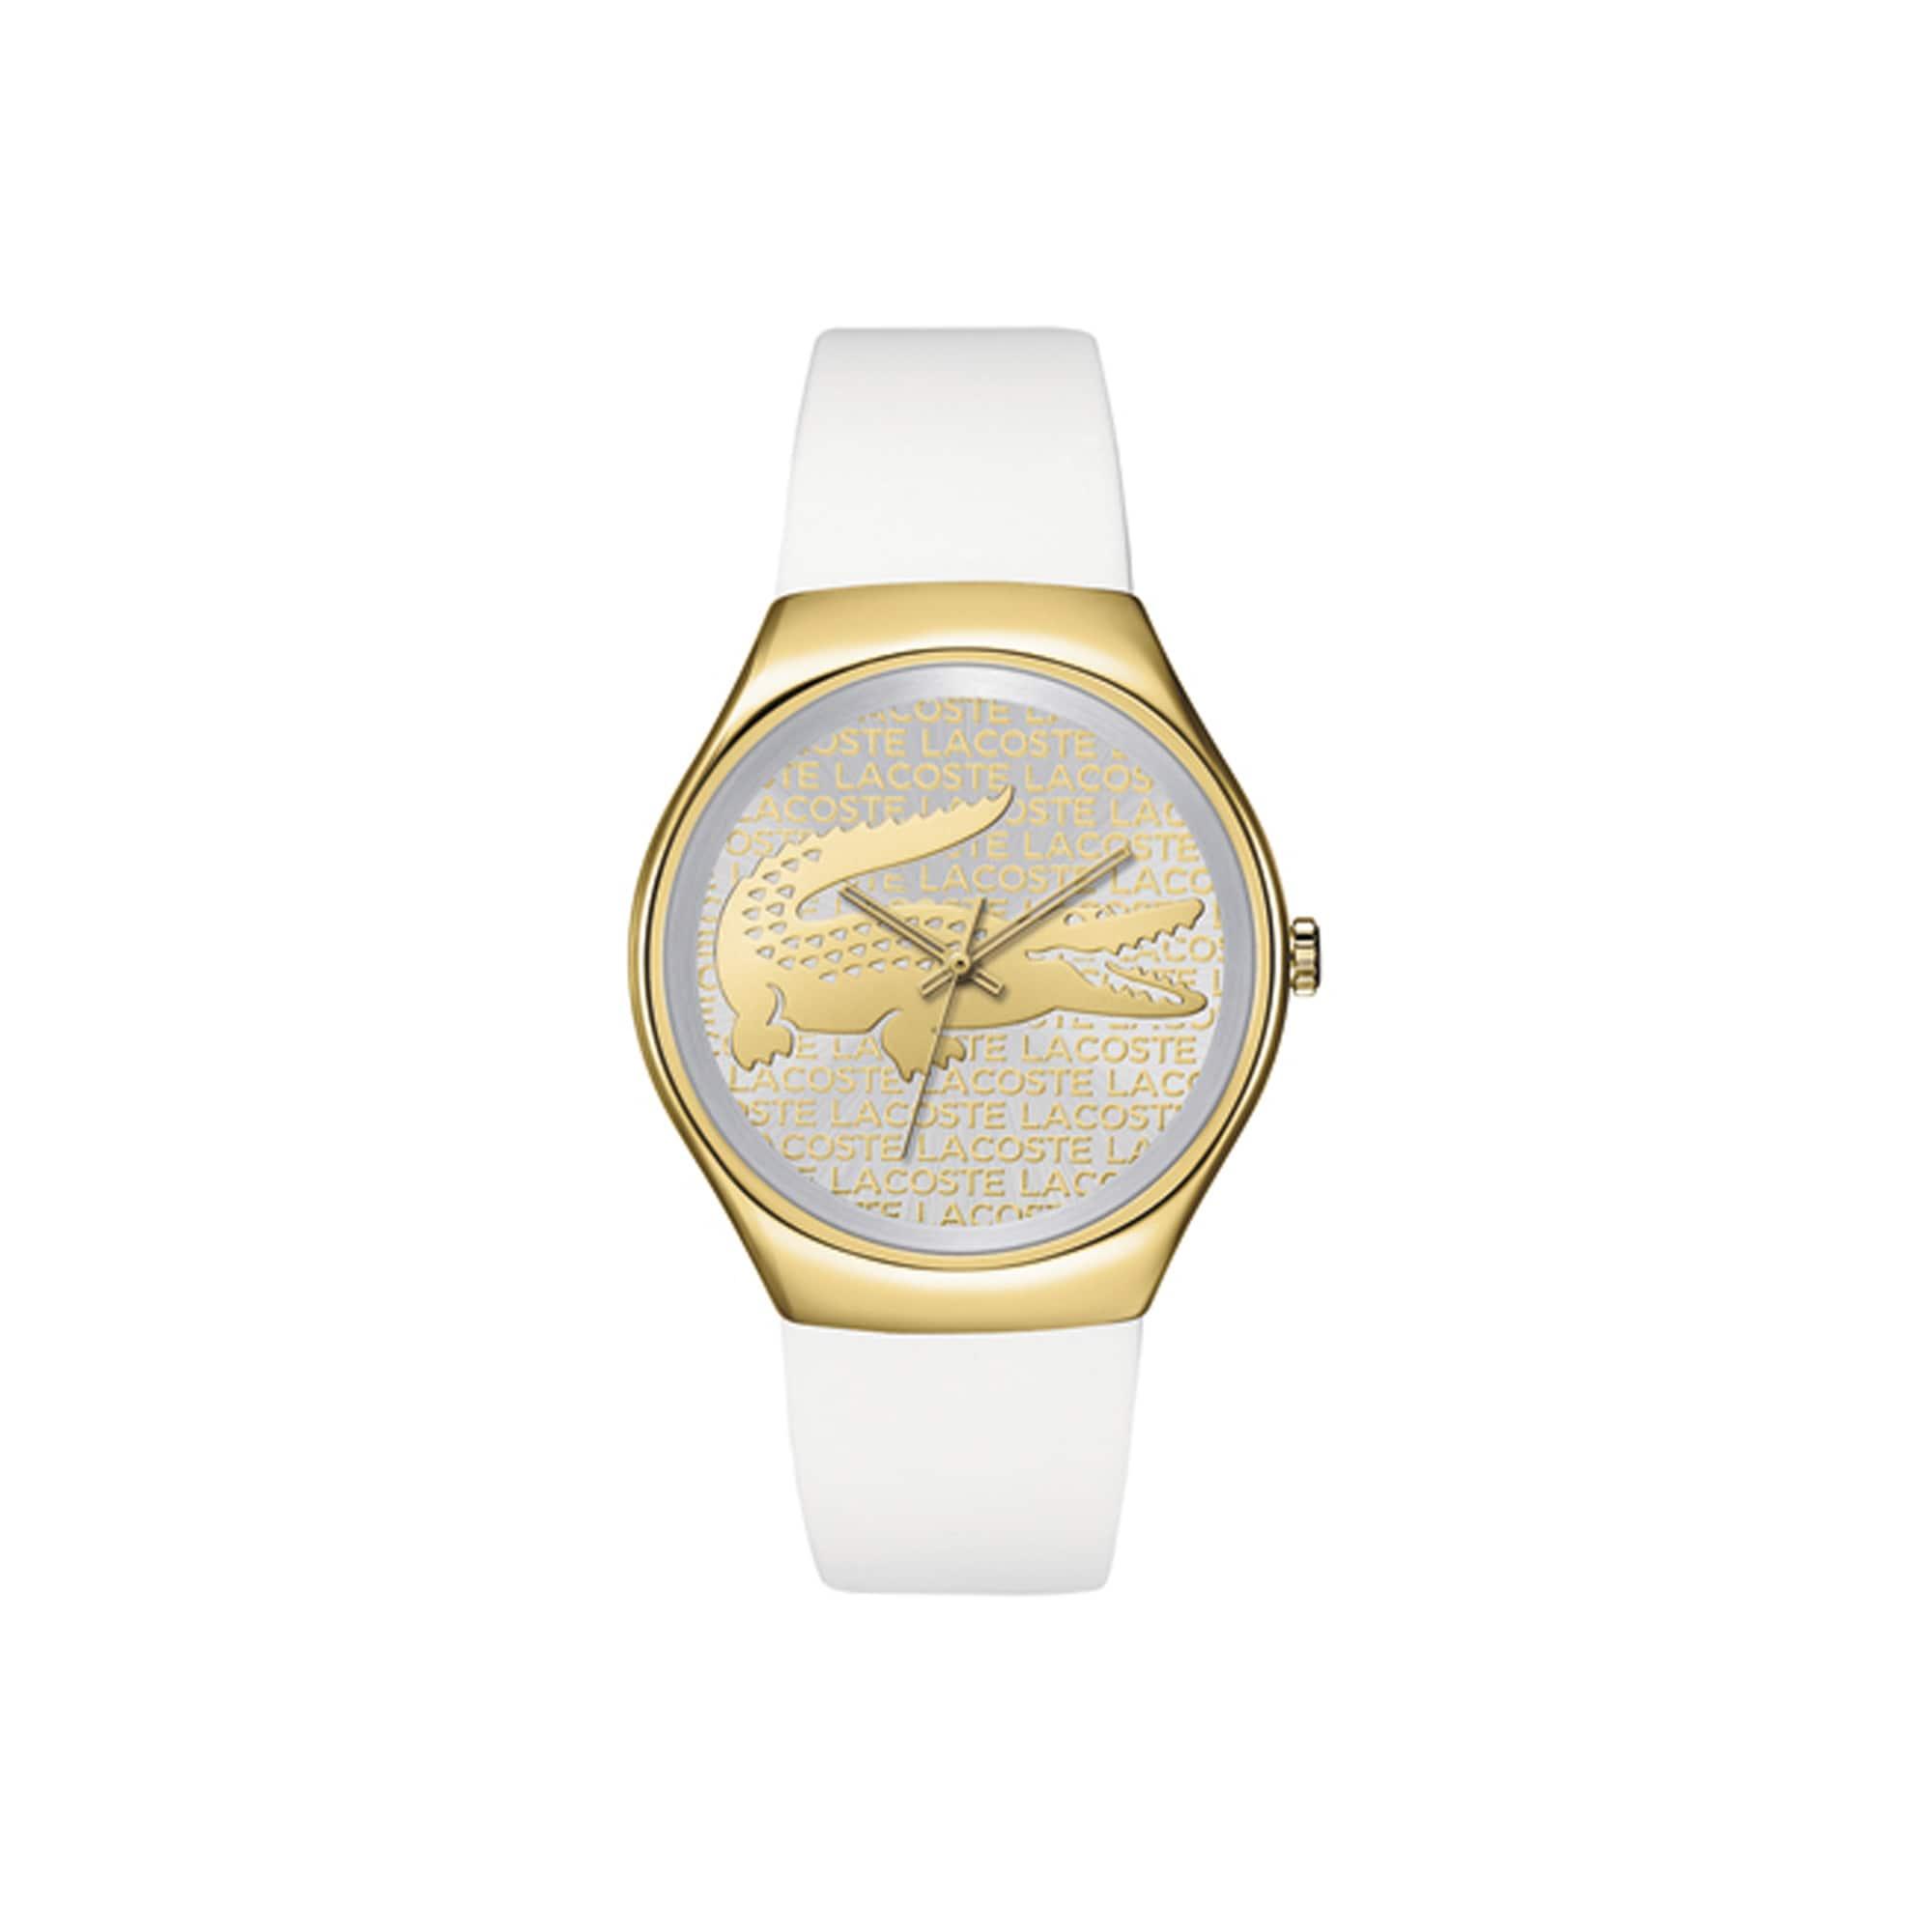 Relógio Acapulco com pulseira em dois tons